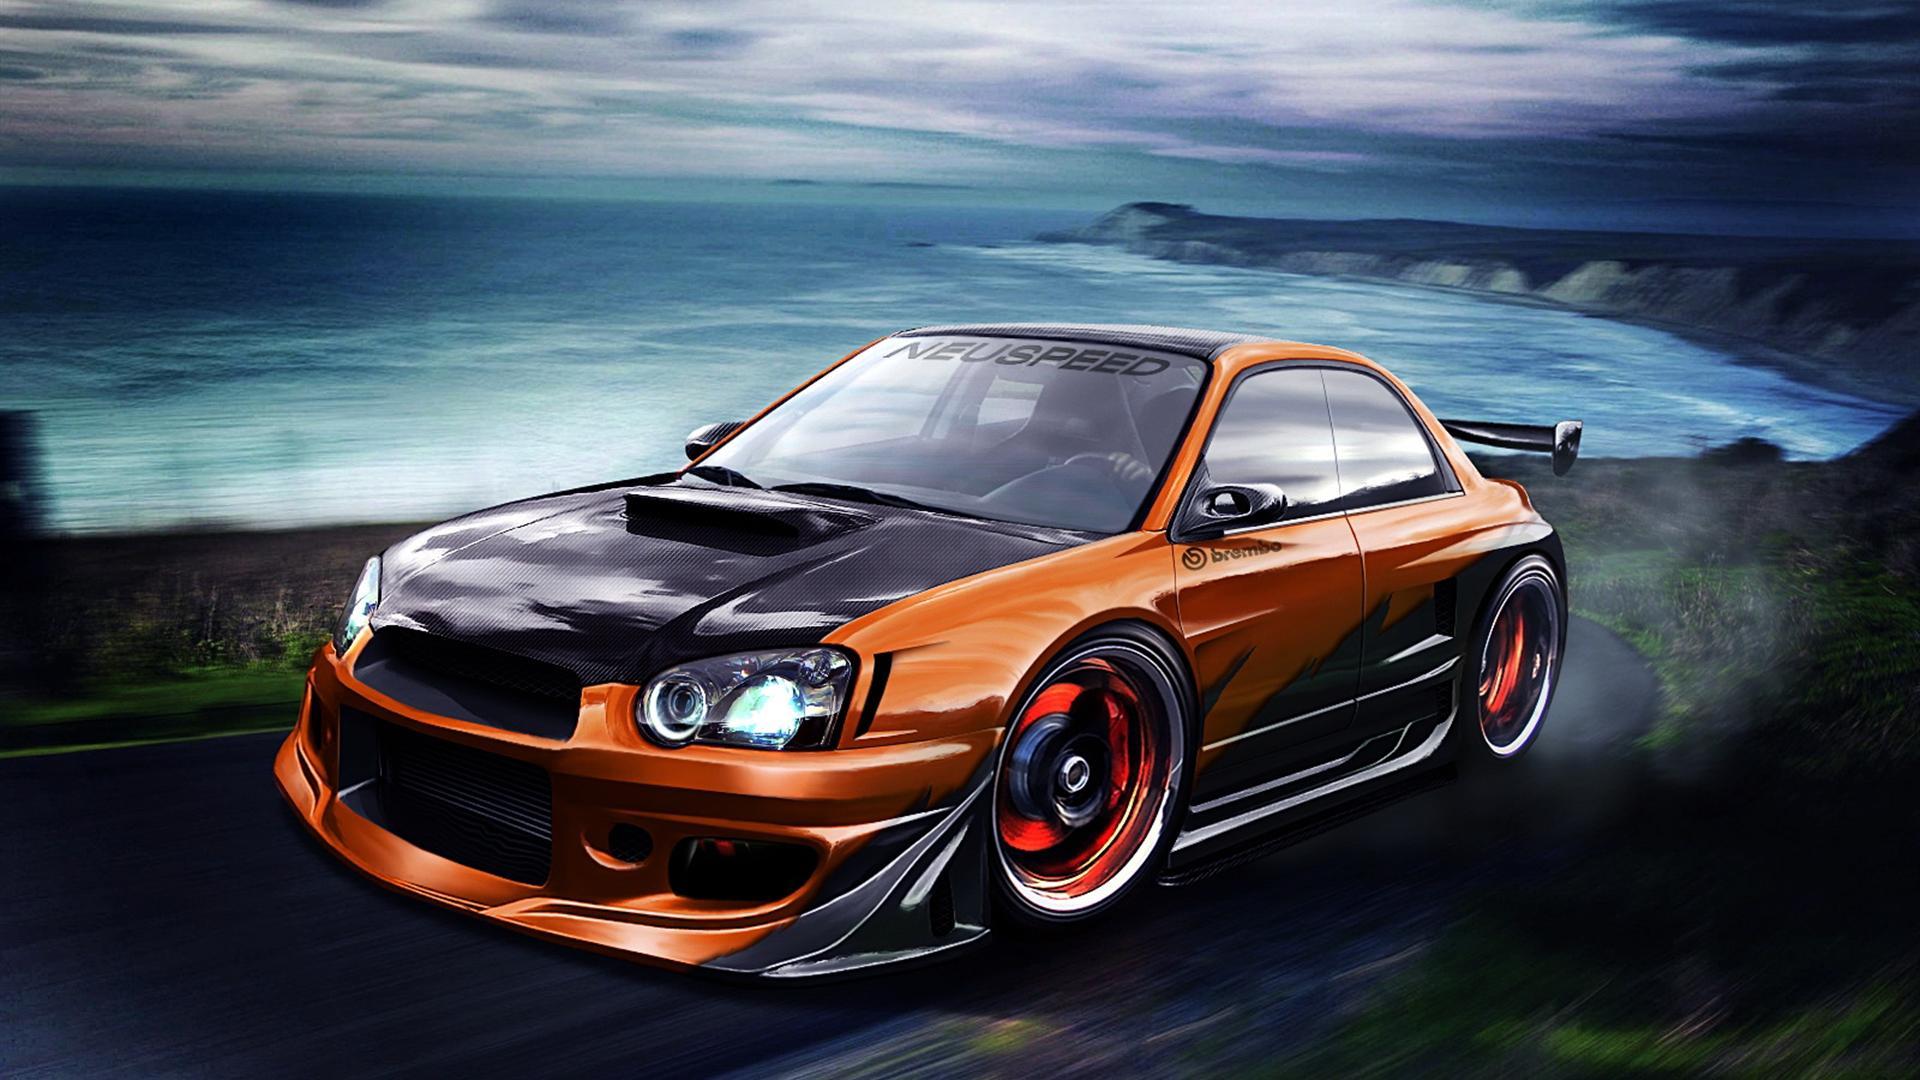 Car Backgrounds - WallpaperSafari